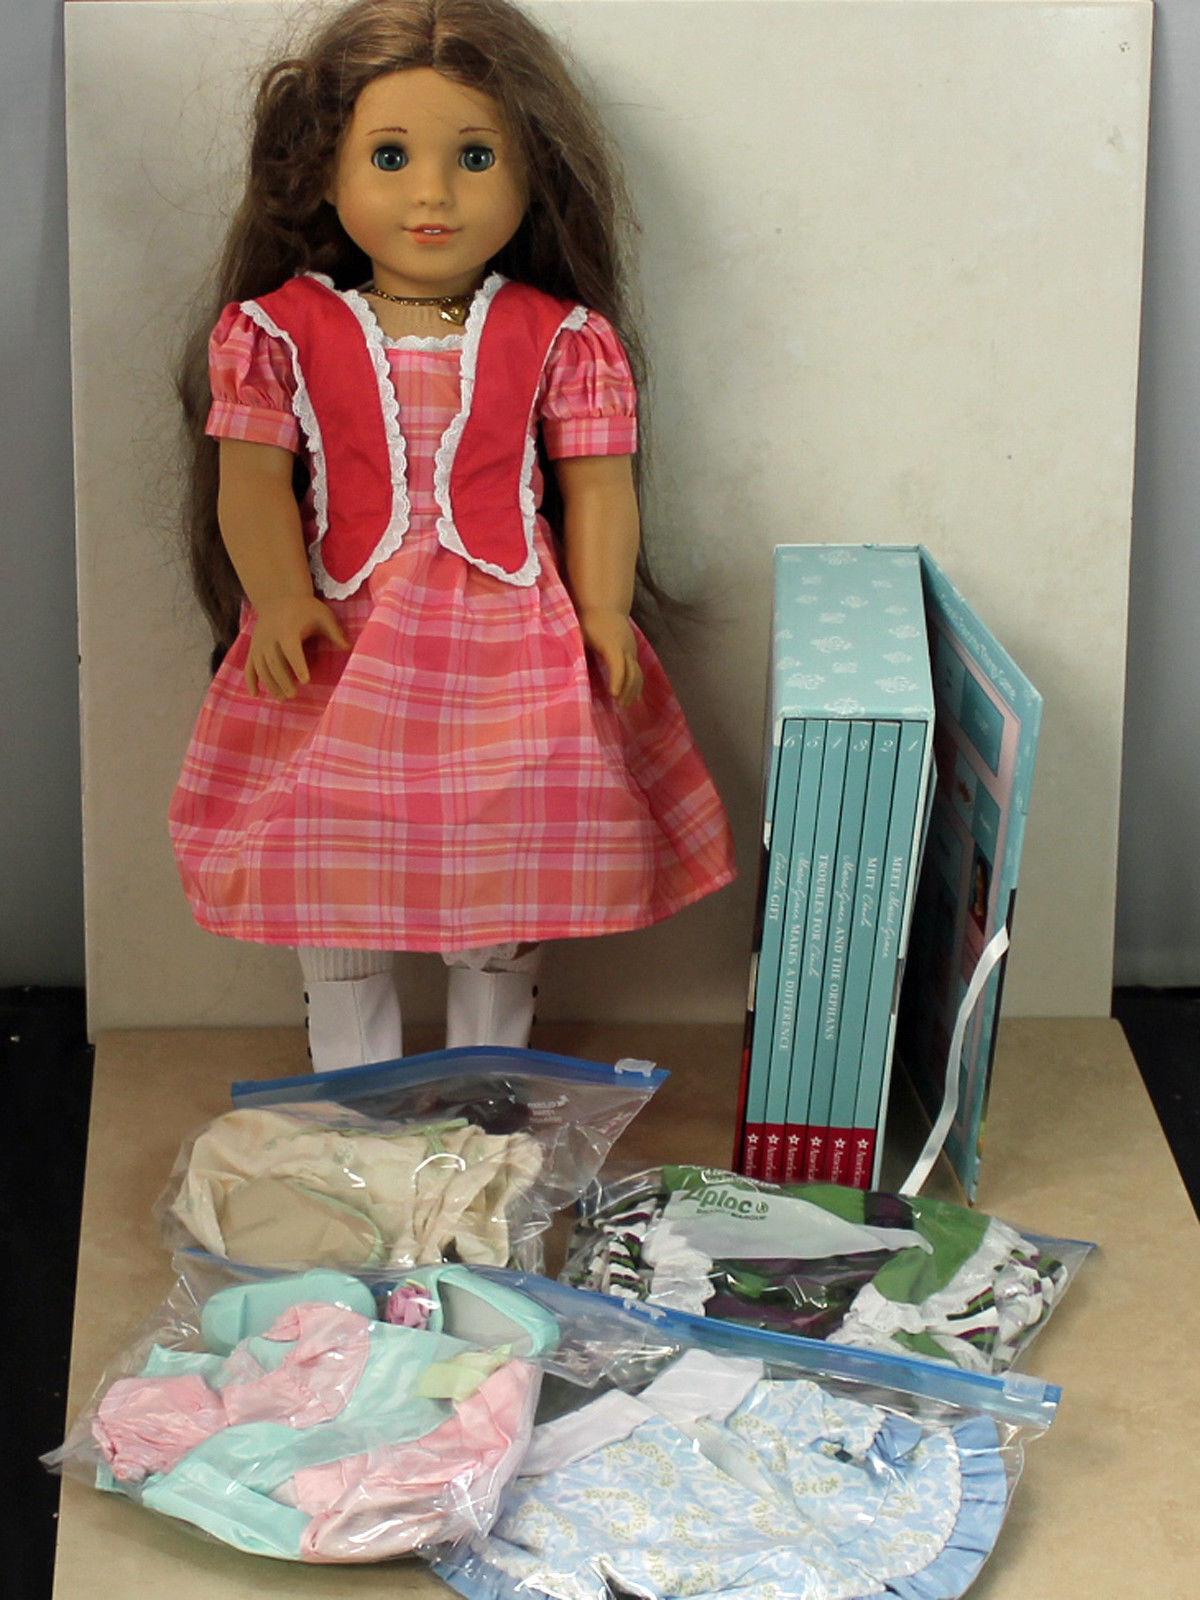 American Girl Doll, Marie-gracia con 5 Juego de ropa y libro, Sin Caja